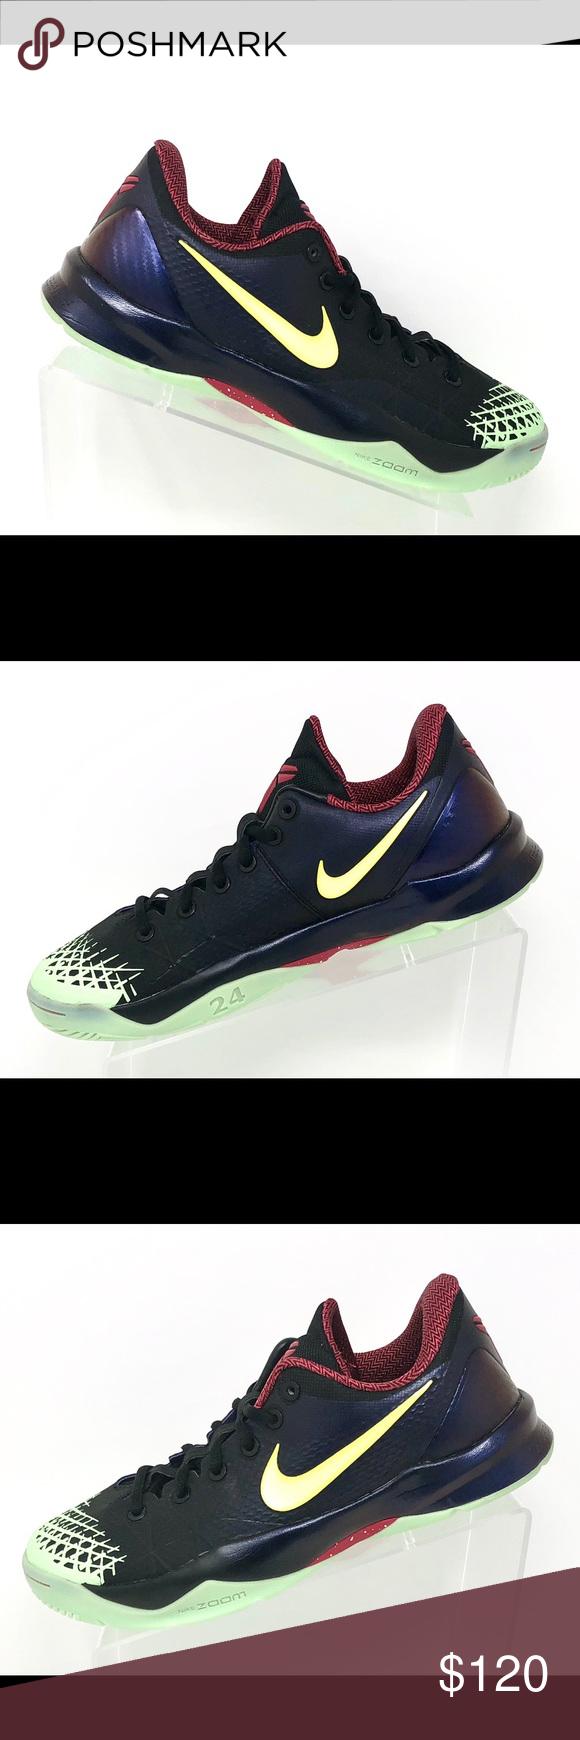 d1352da9a955 Nike Zoom Kobe Venomenon 4 Glow In Dark Sneakers Brand- Nike. Style- Zoom